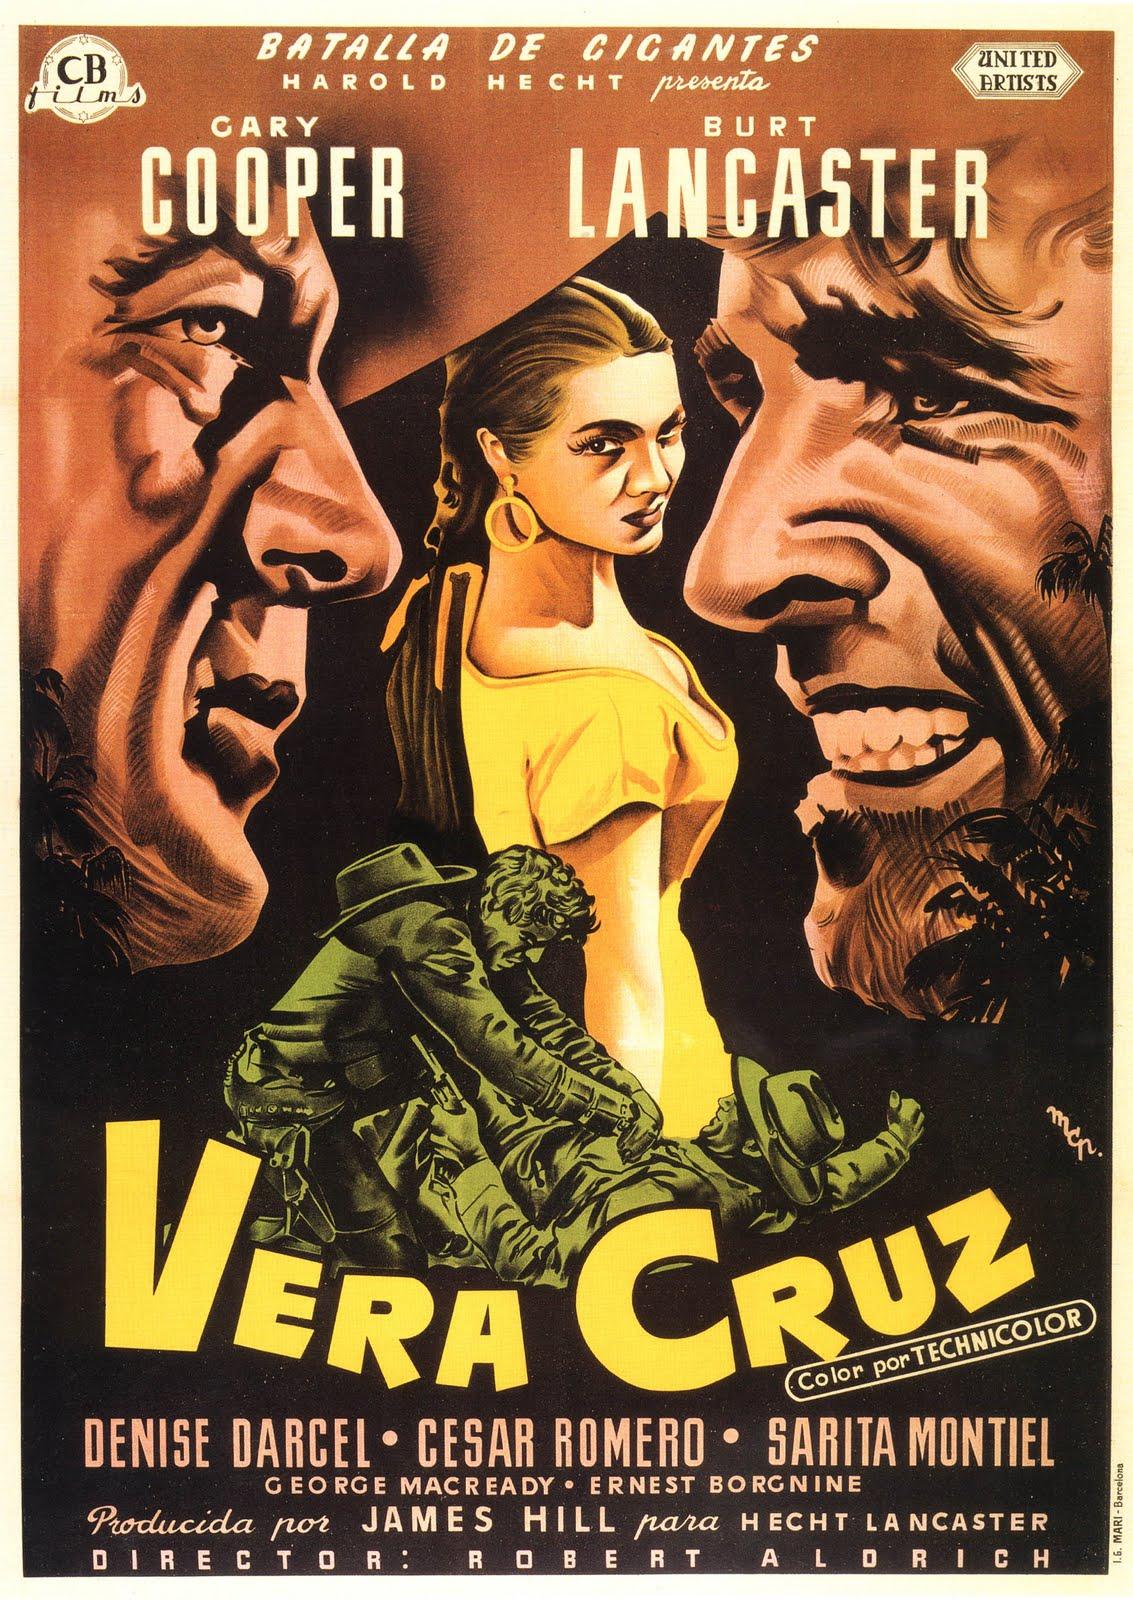 http://3.bp.blogspot.com/_t2NLf0Xf0i4/TCsVQmX3mVI/AAAAAAAAH2w/HZV7q9f-DEA/s1600/1954+-+Veracruz+-+Vera+Cruz+-+tt0047647.jpg